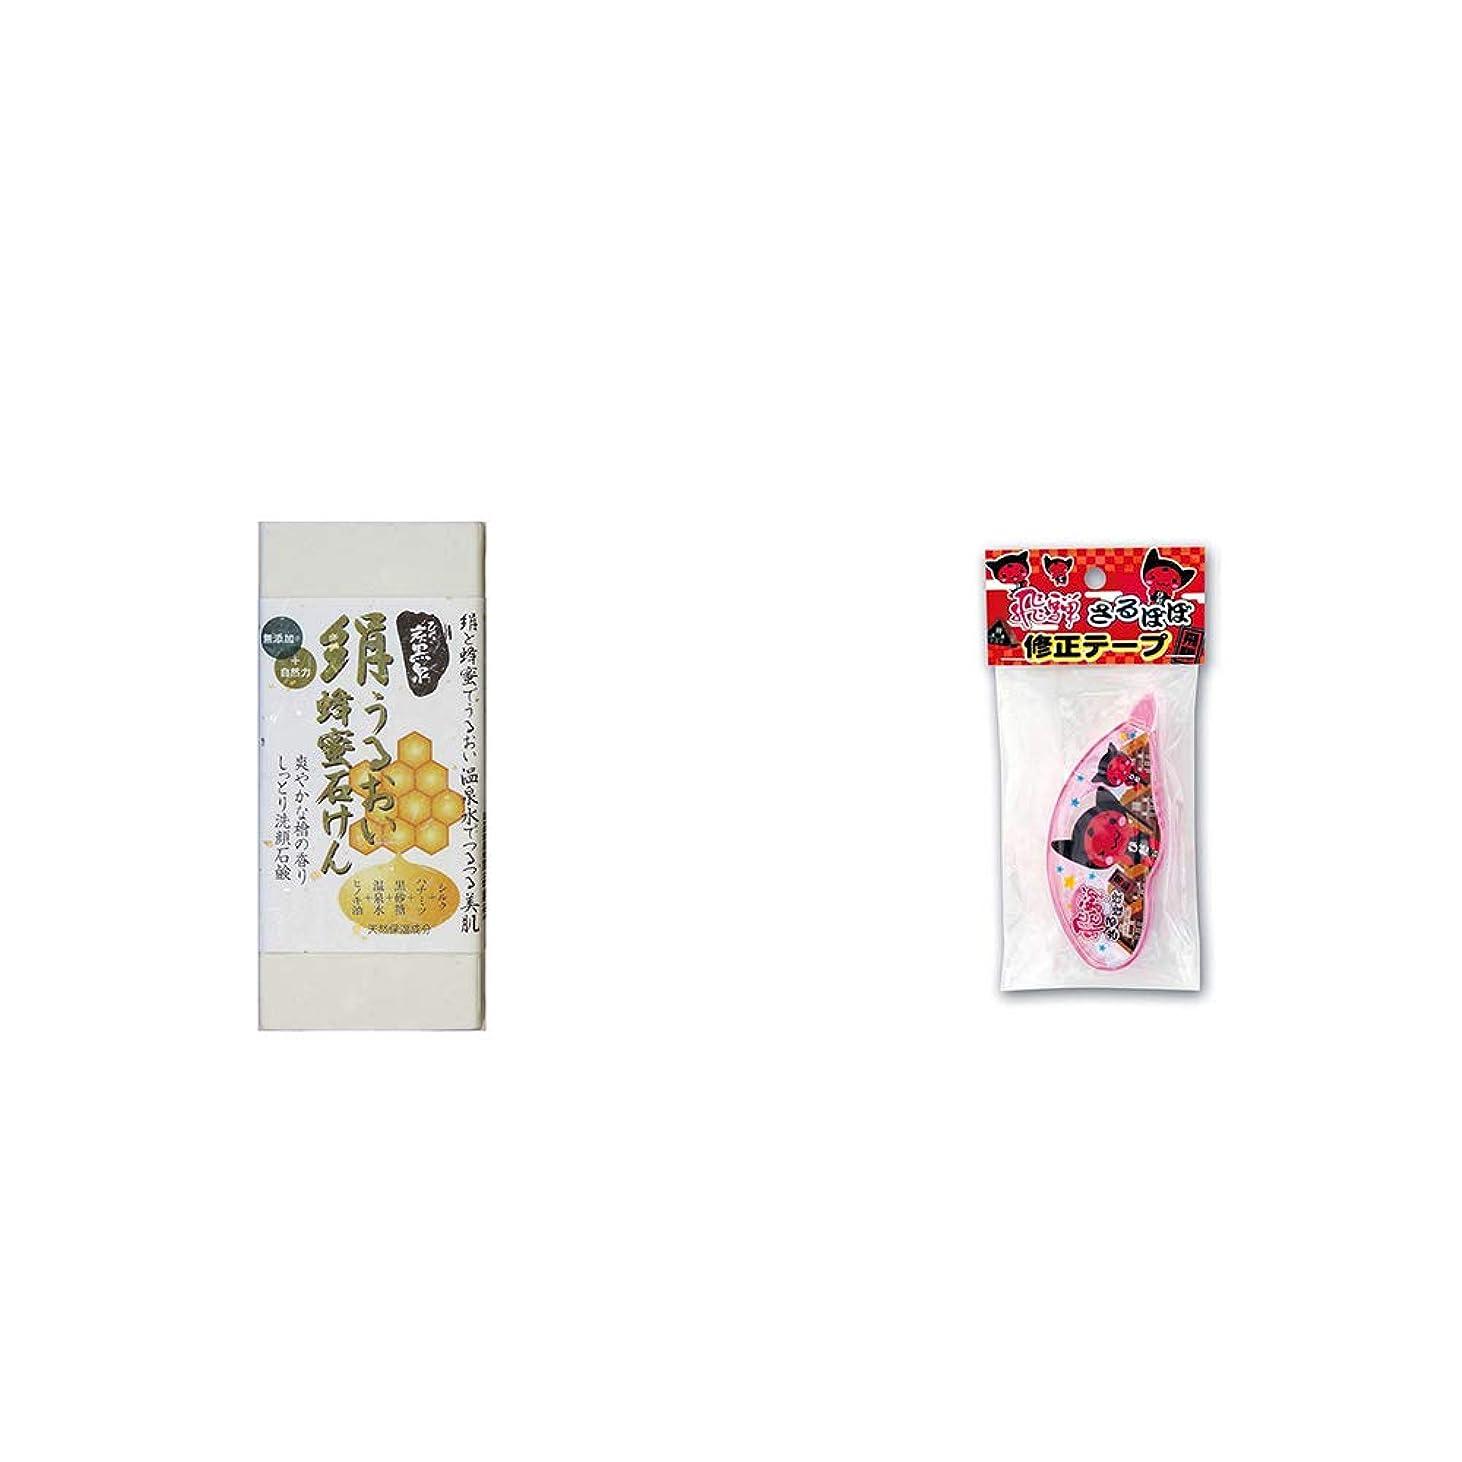 ブーストこねる良心的[2点セット] ひのき炭黒泉 絹うるおい蜂蜜石けん(75g×2)?さるぼぼ 修正テープ【ブルー】